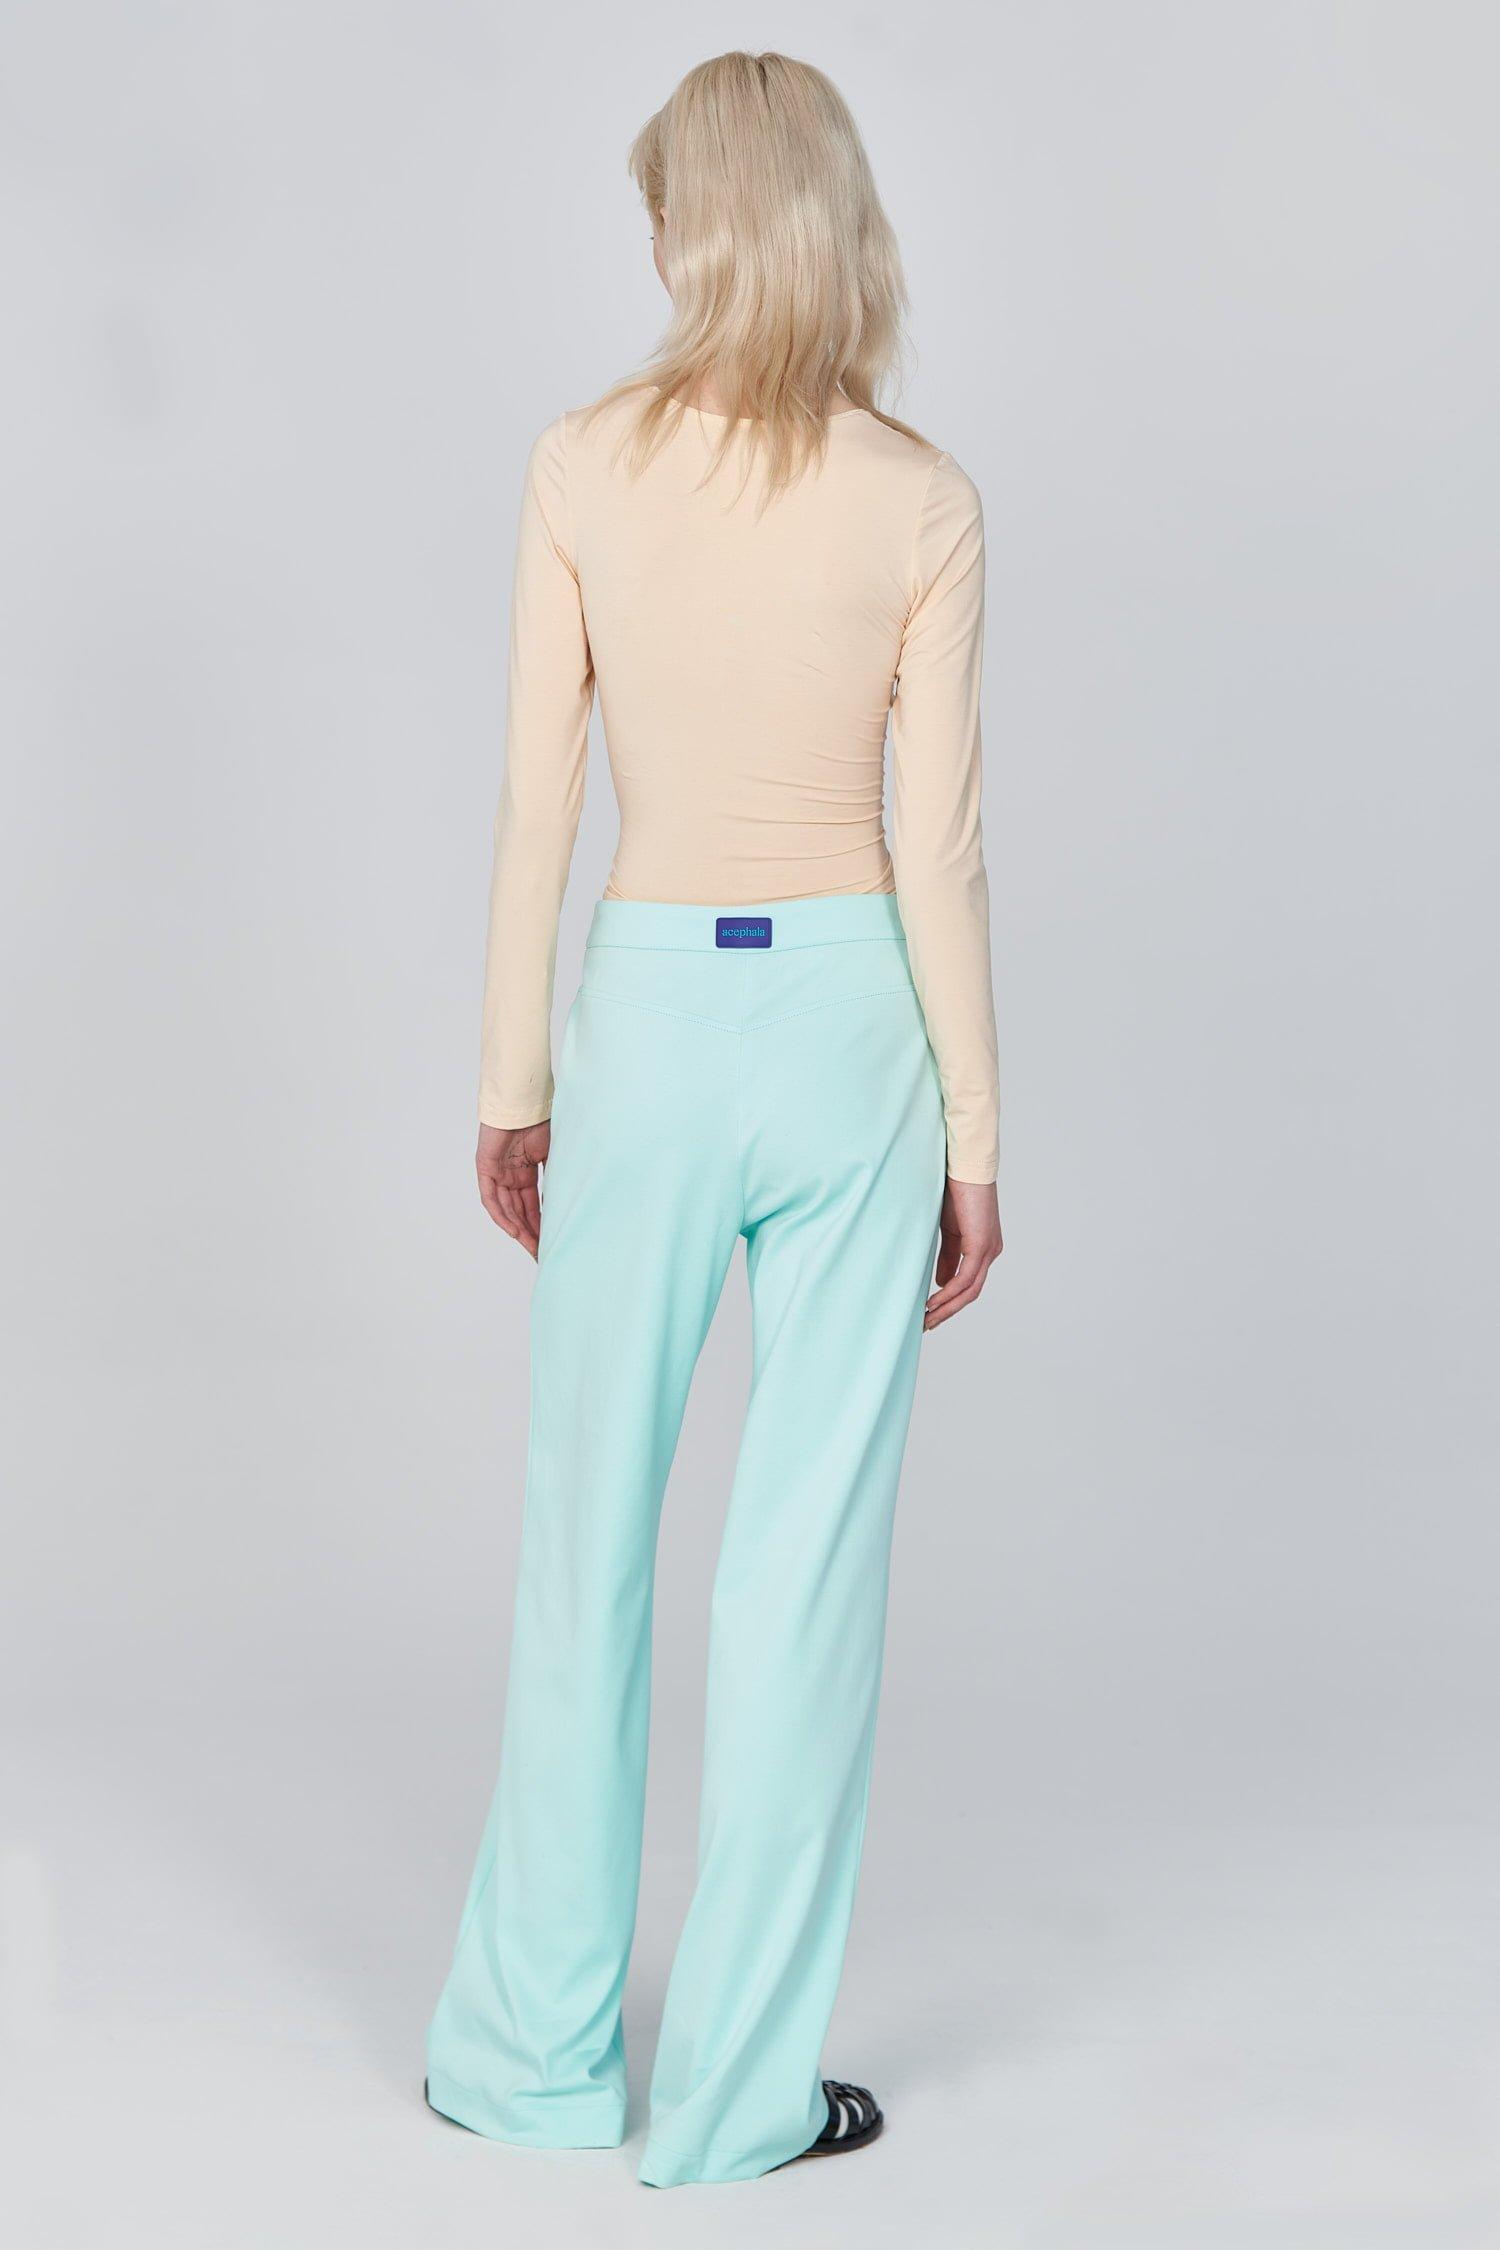 Acephala Ss21 Flared Mint Trousers Bustier Longsleeve Top Back